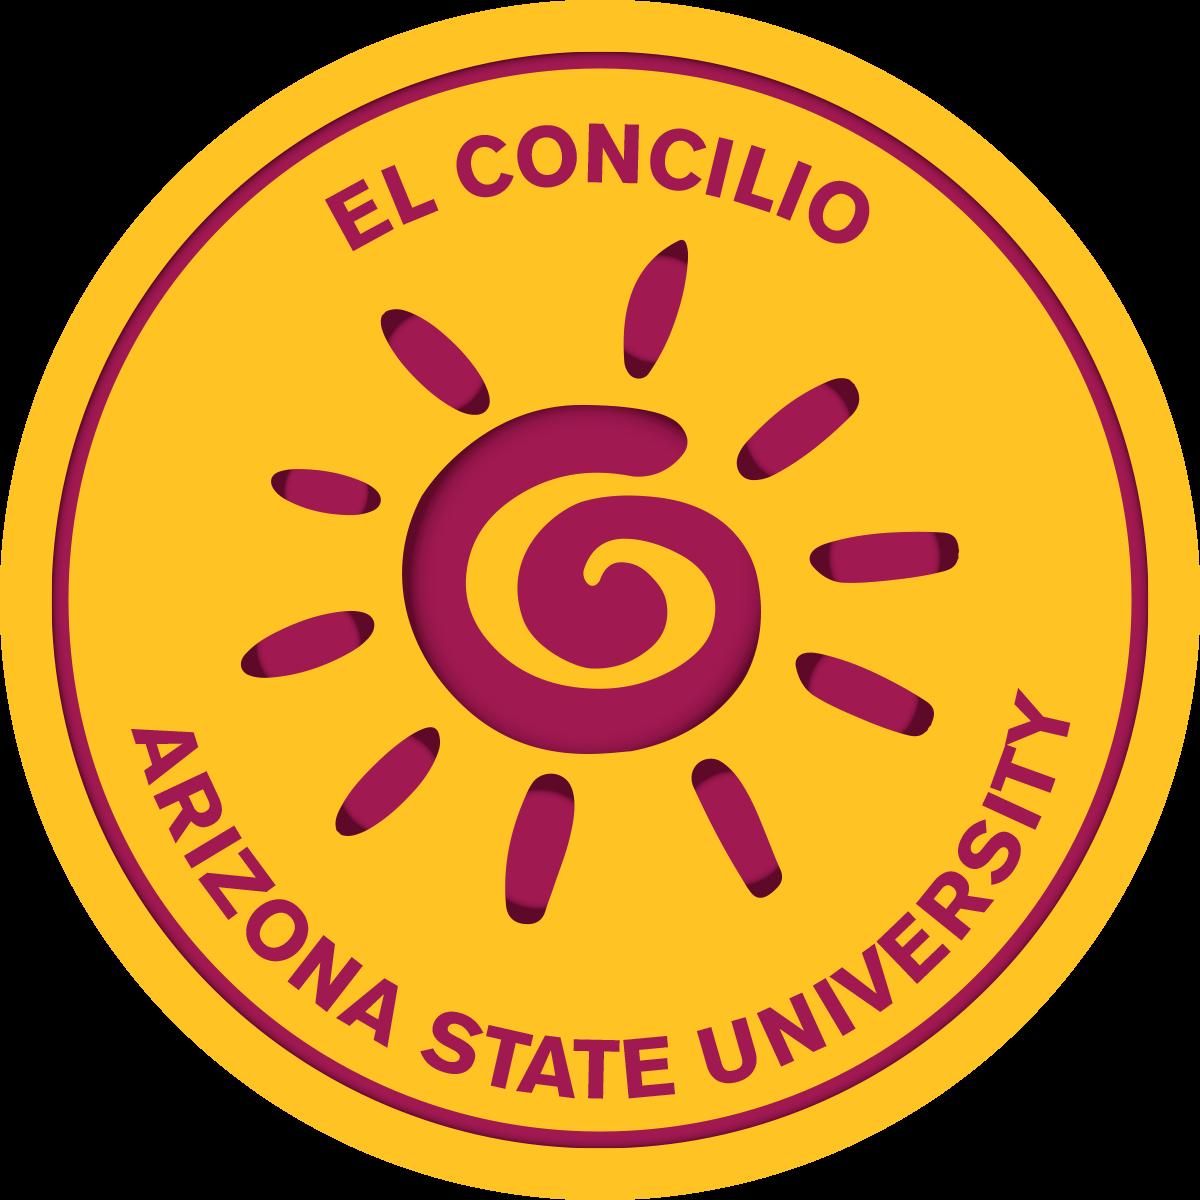 El Concilio logo